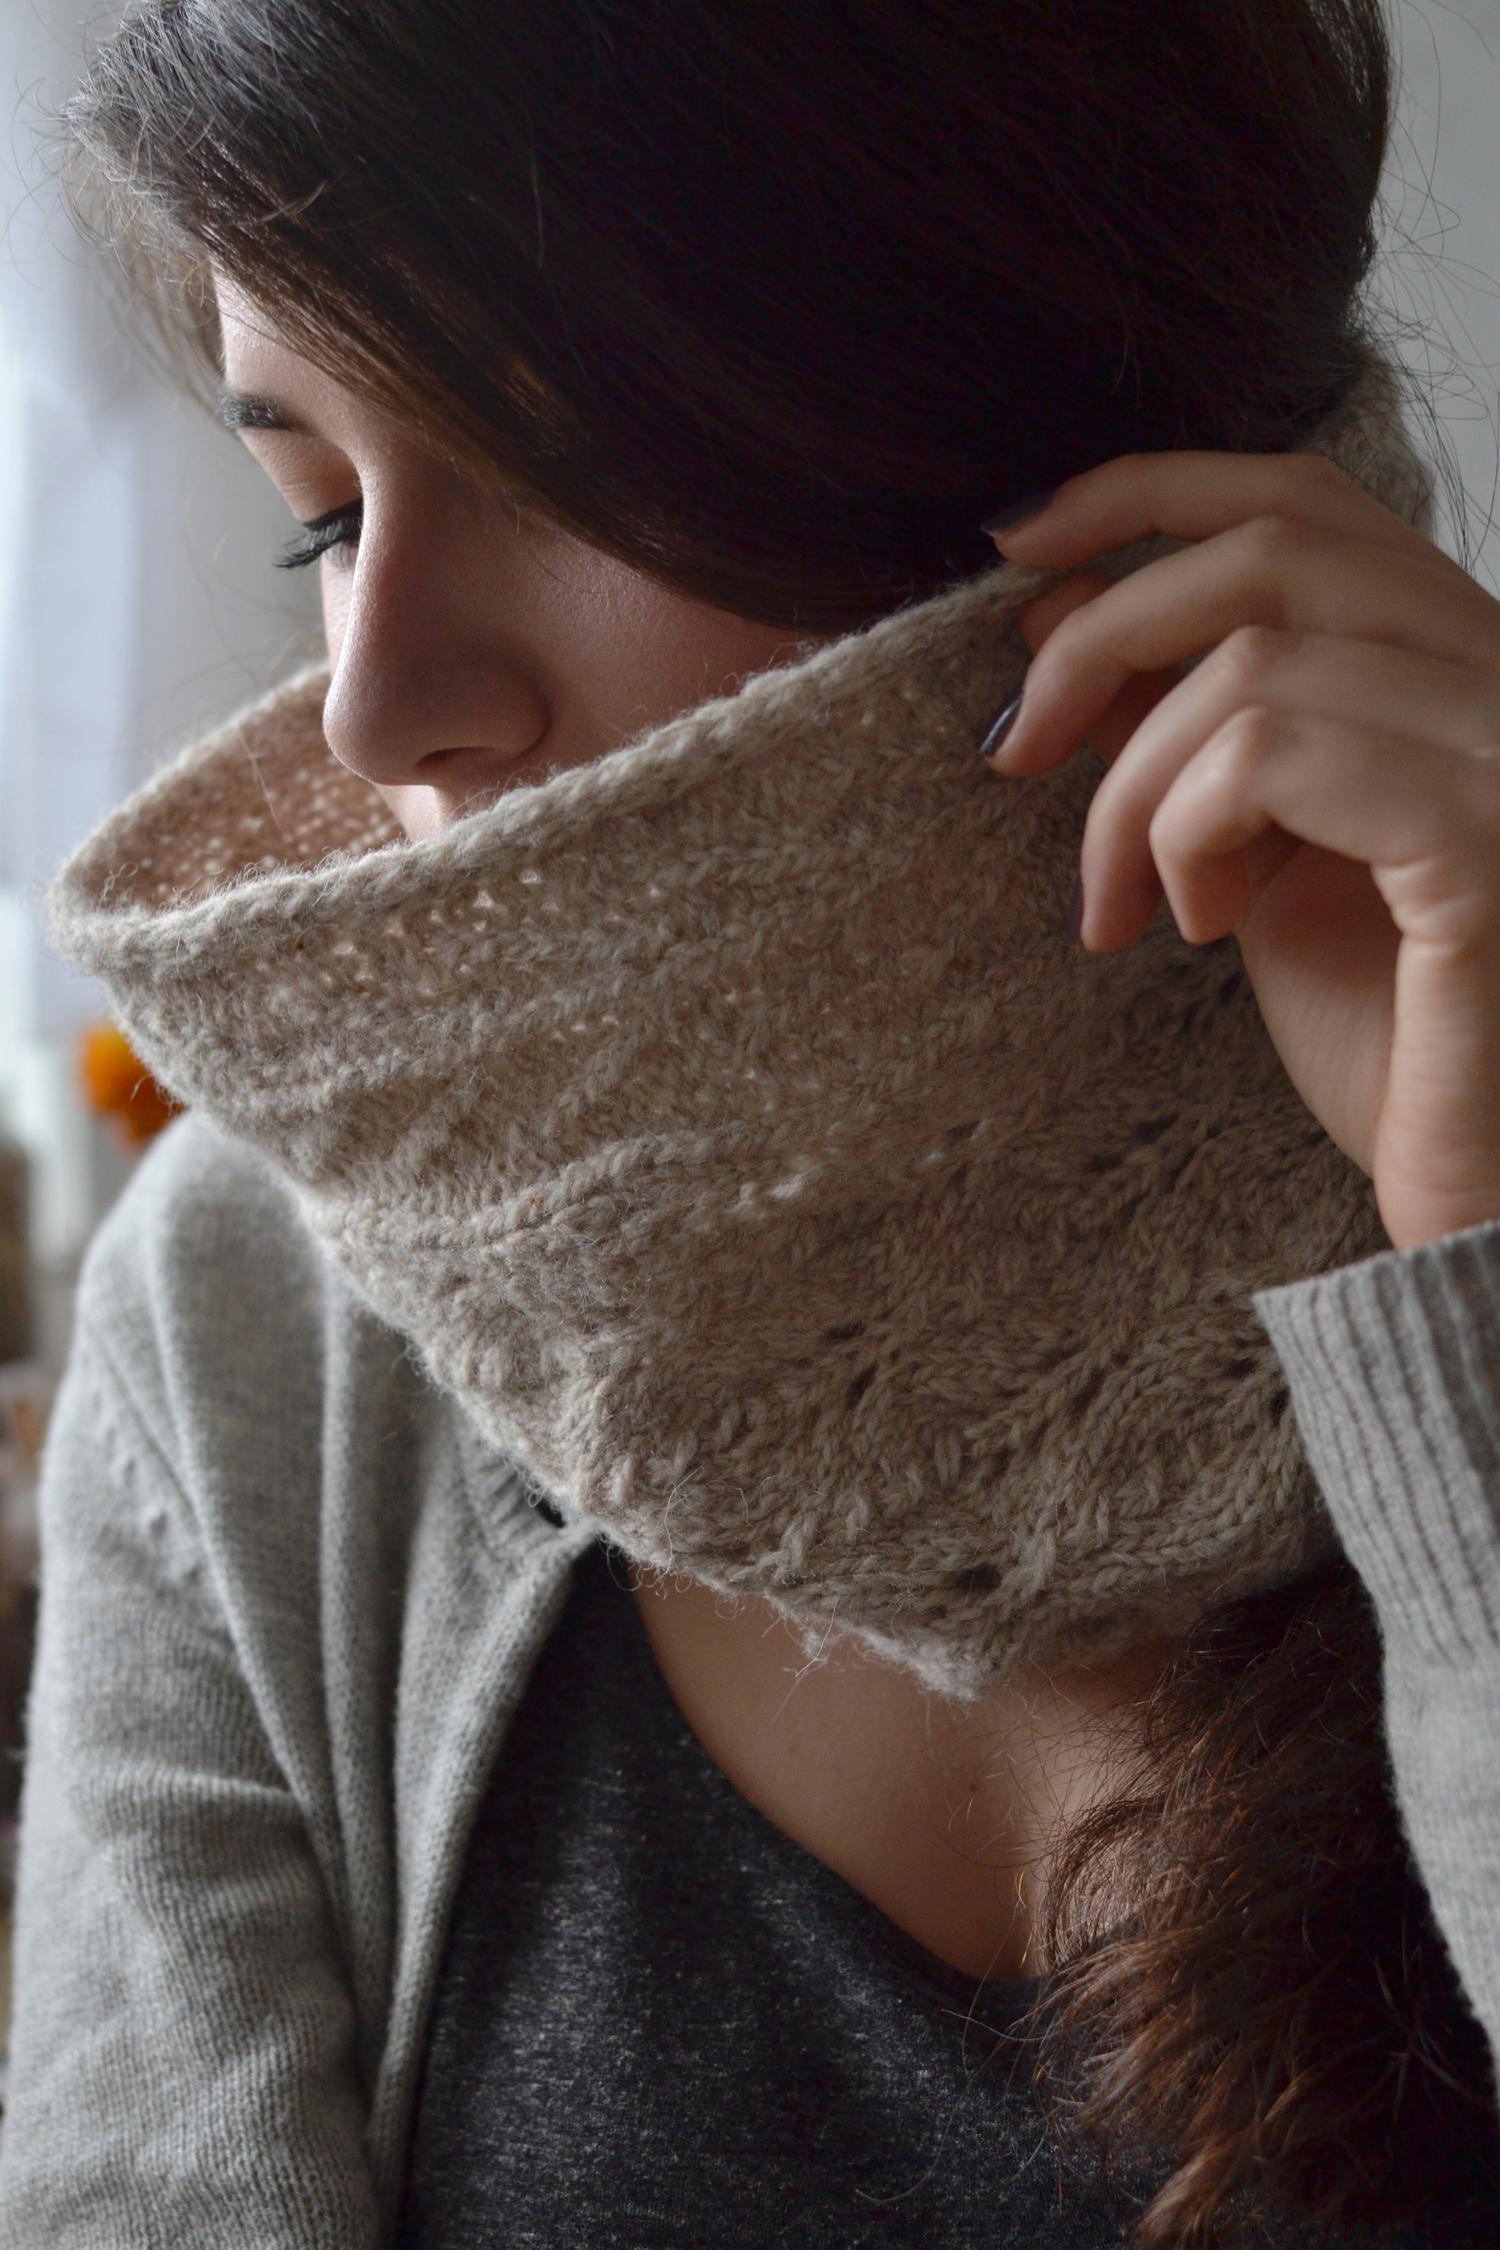 Golden Wood - Knitting